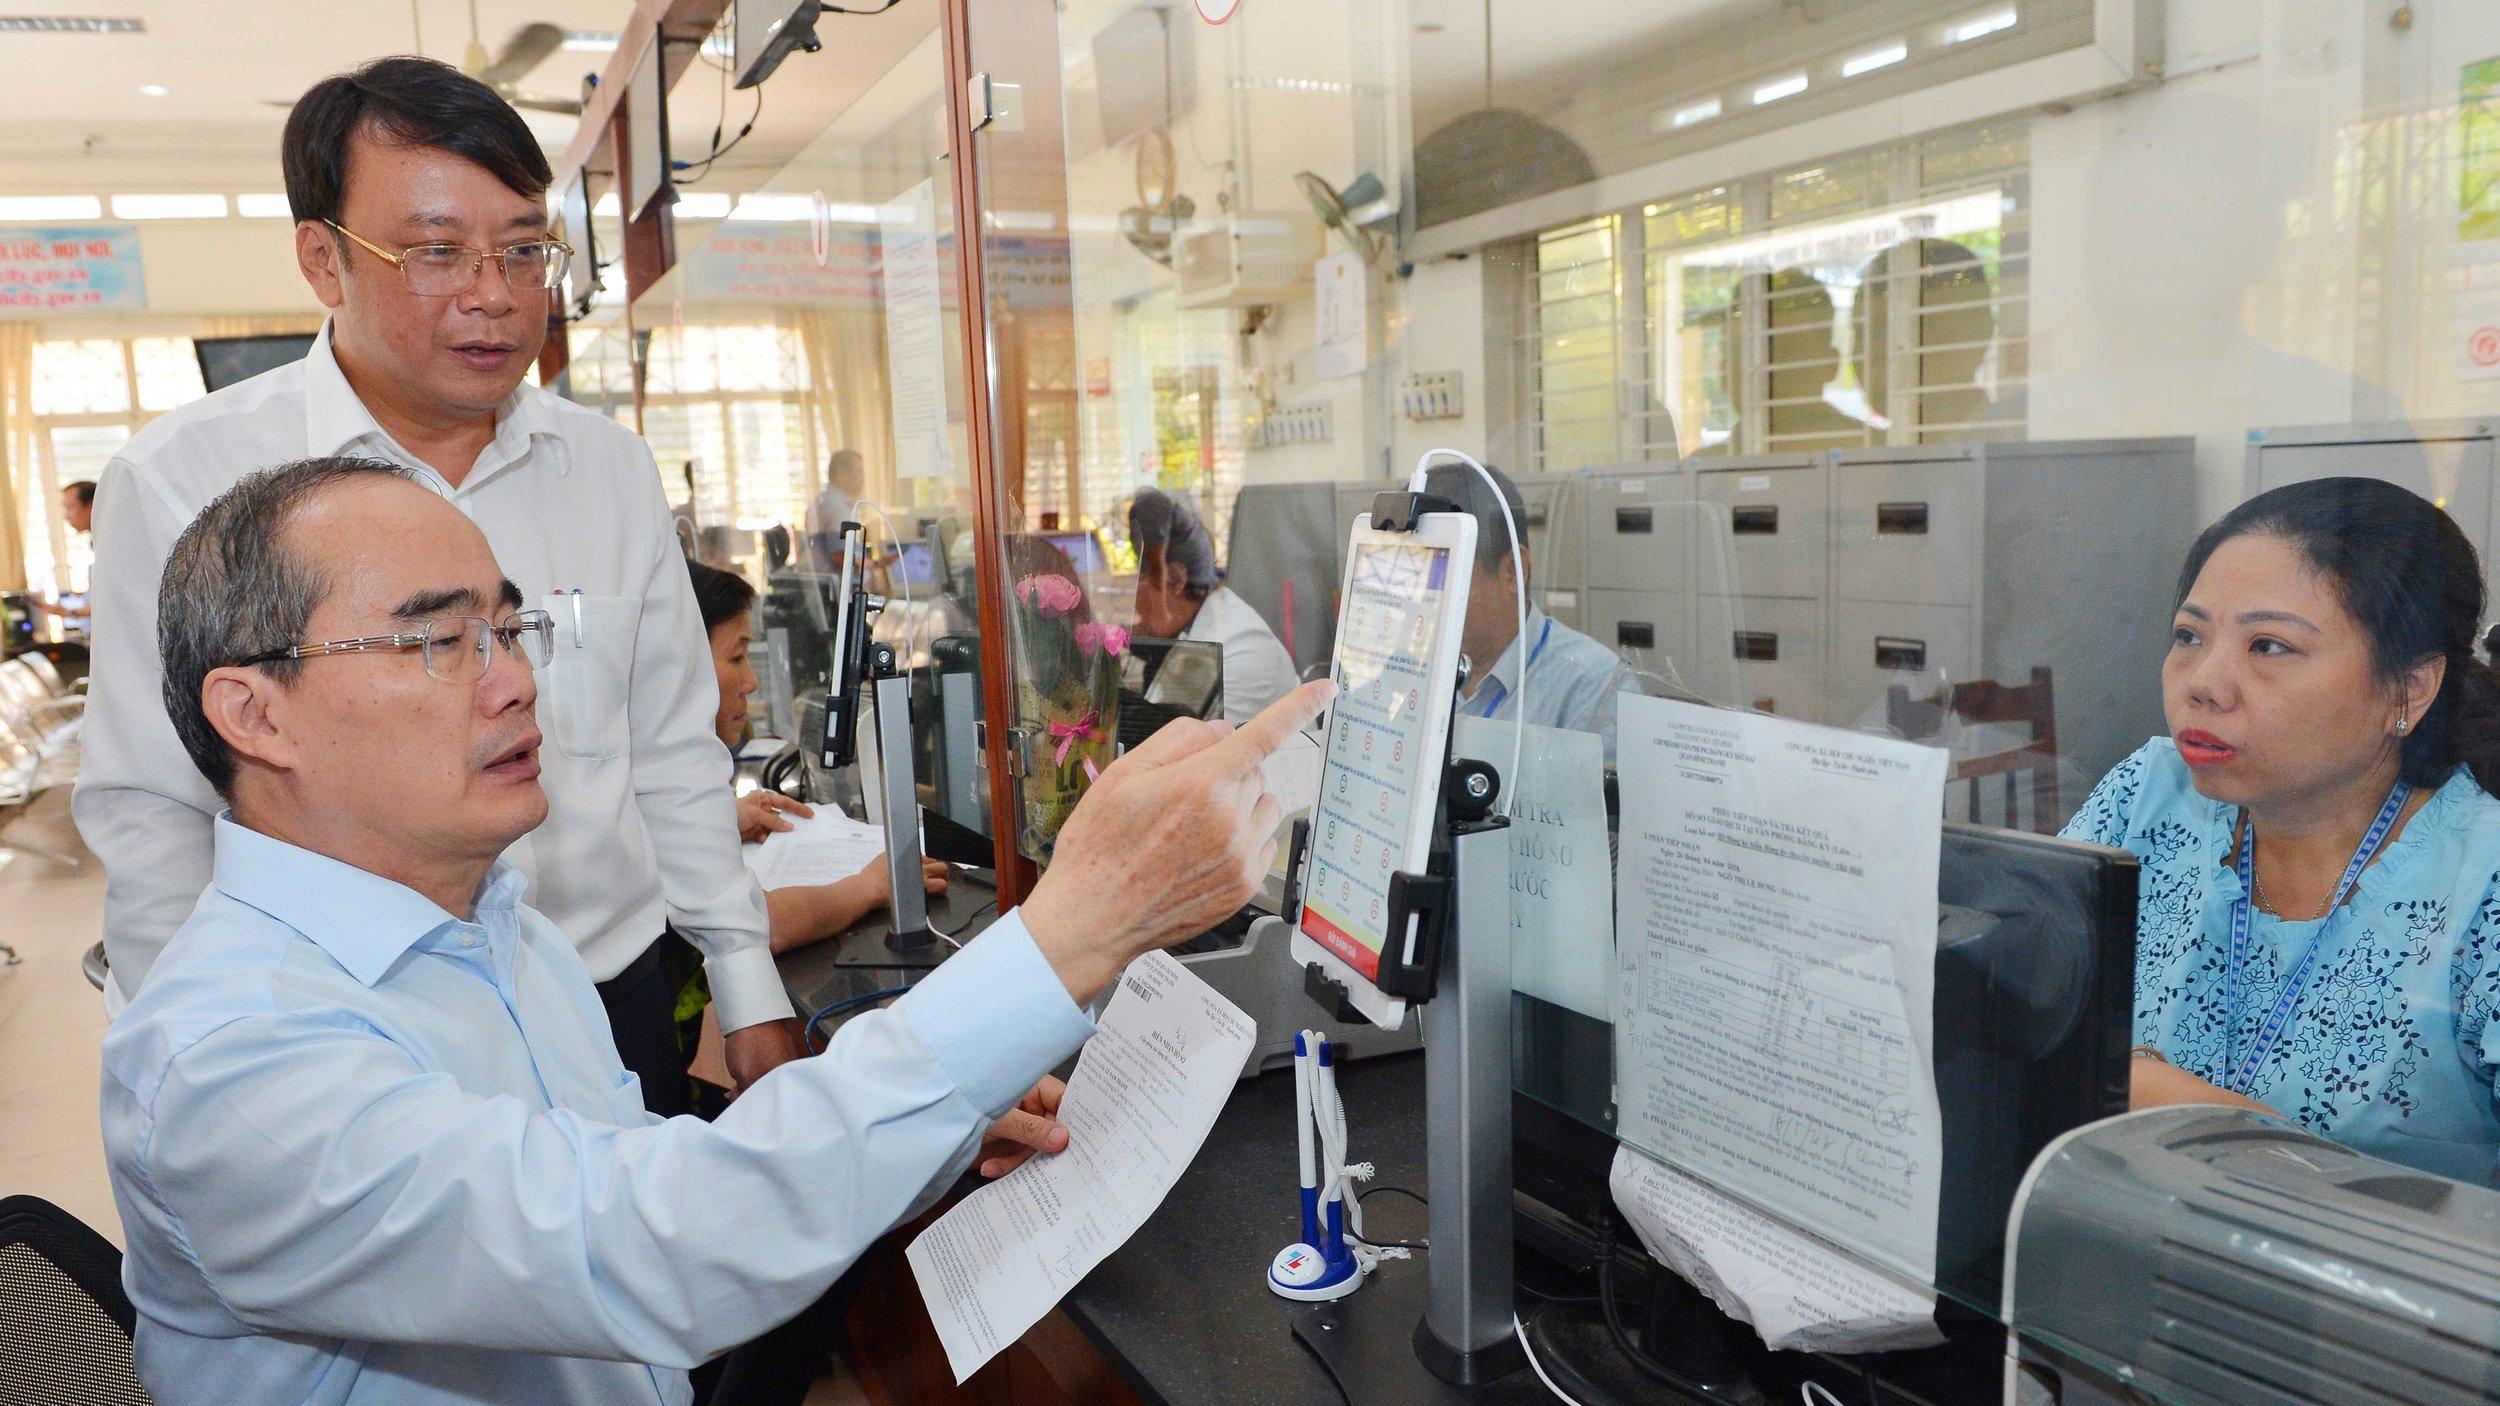 Bí thư Thành uỷ TPHCM Nguyễn Thiện Nhân tìm hiểu dịch vụ hành chính công tại UBND quận Bình Thạnh. Ảnh SGGP